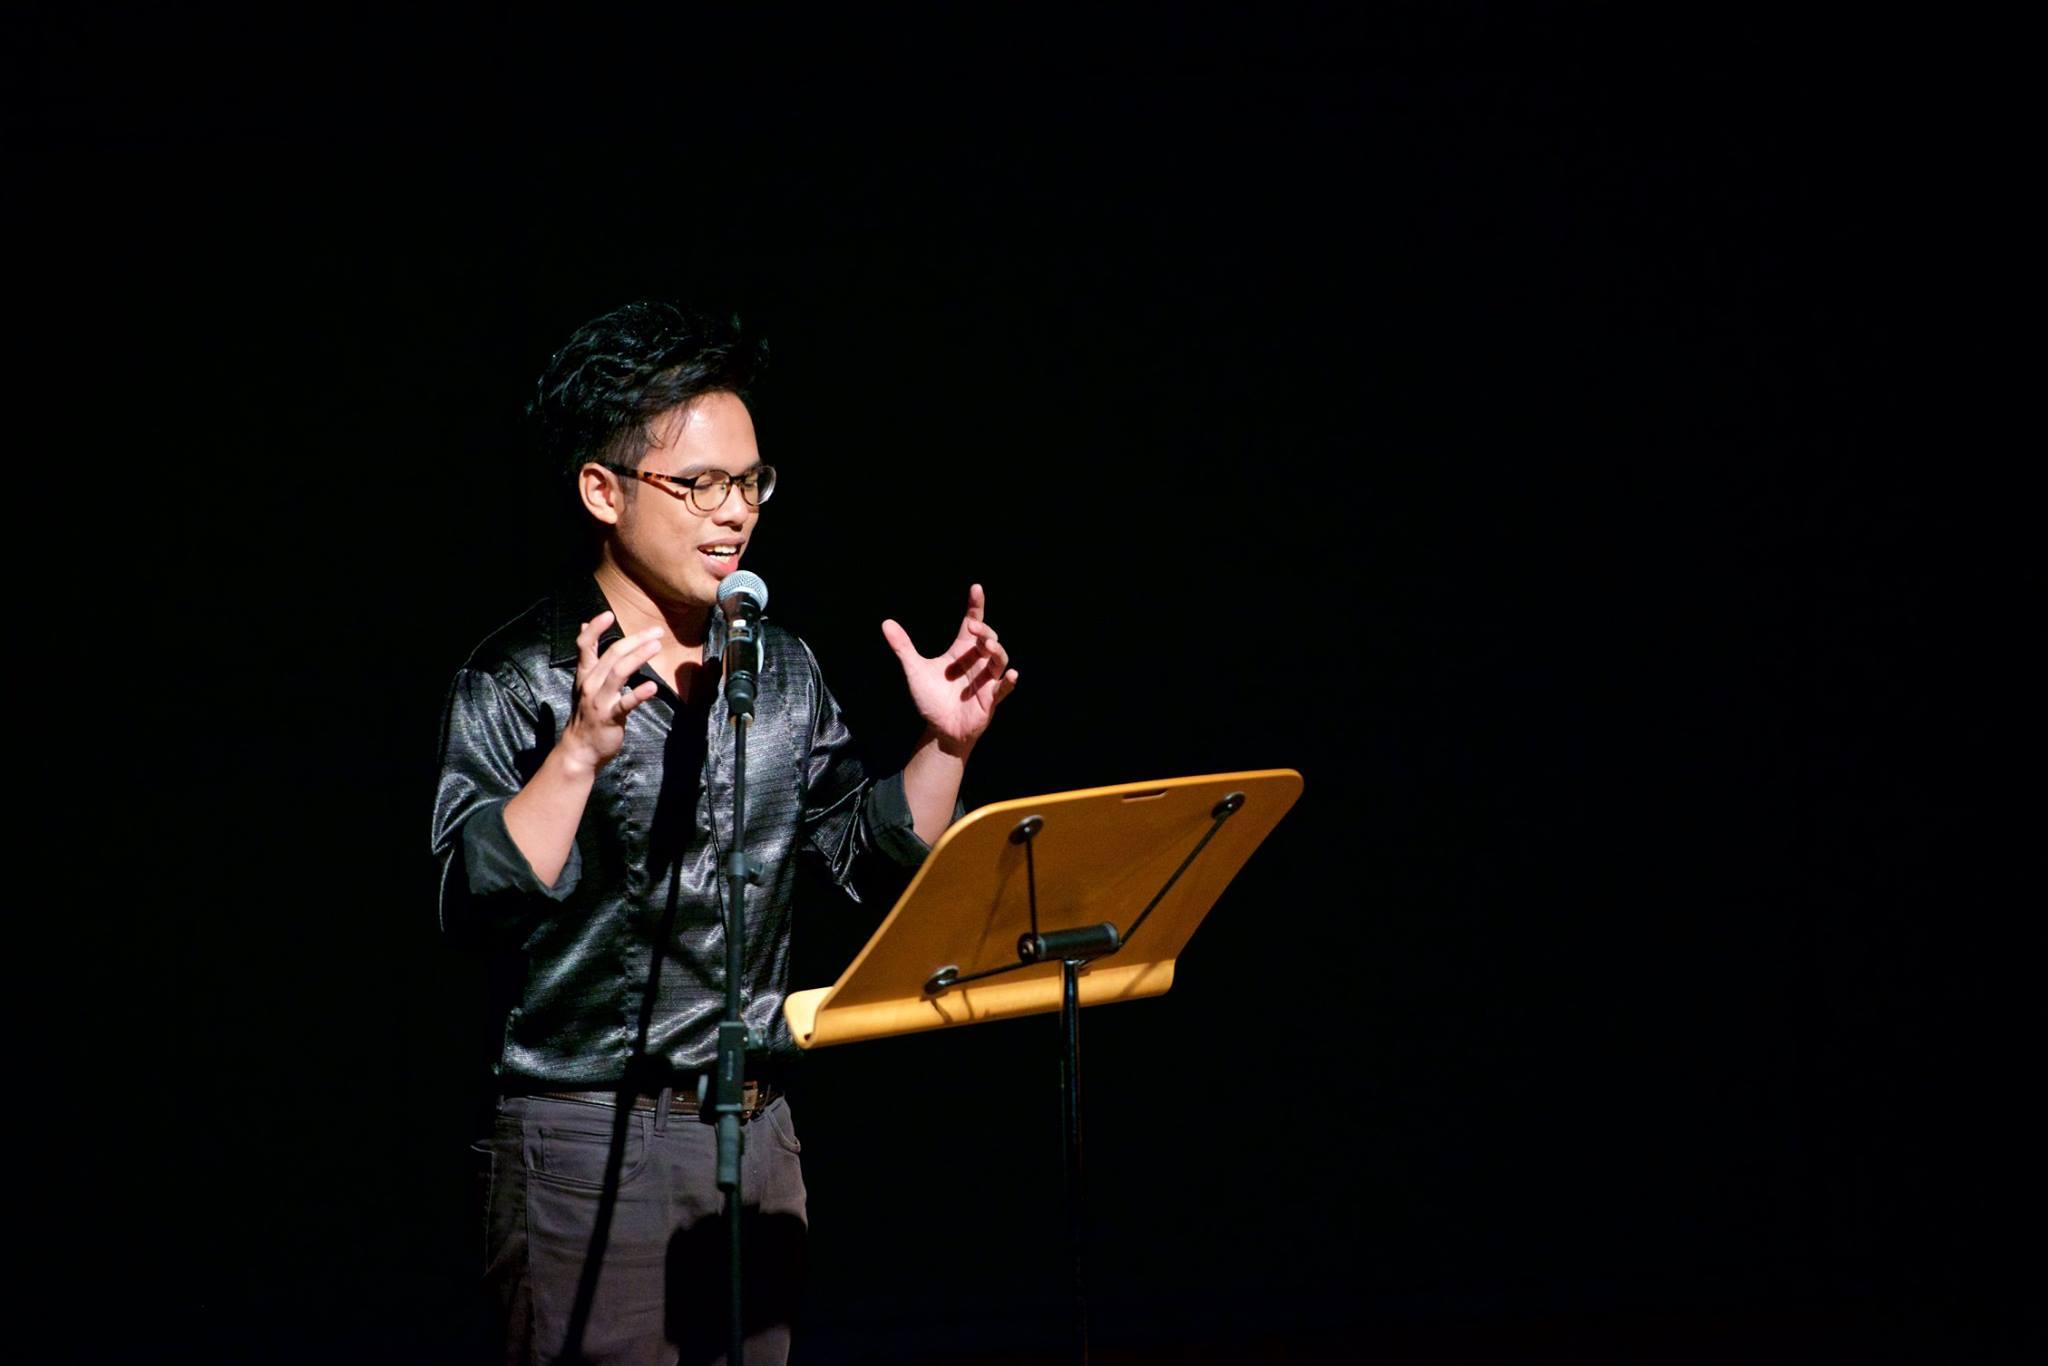 Jonathan Shin